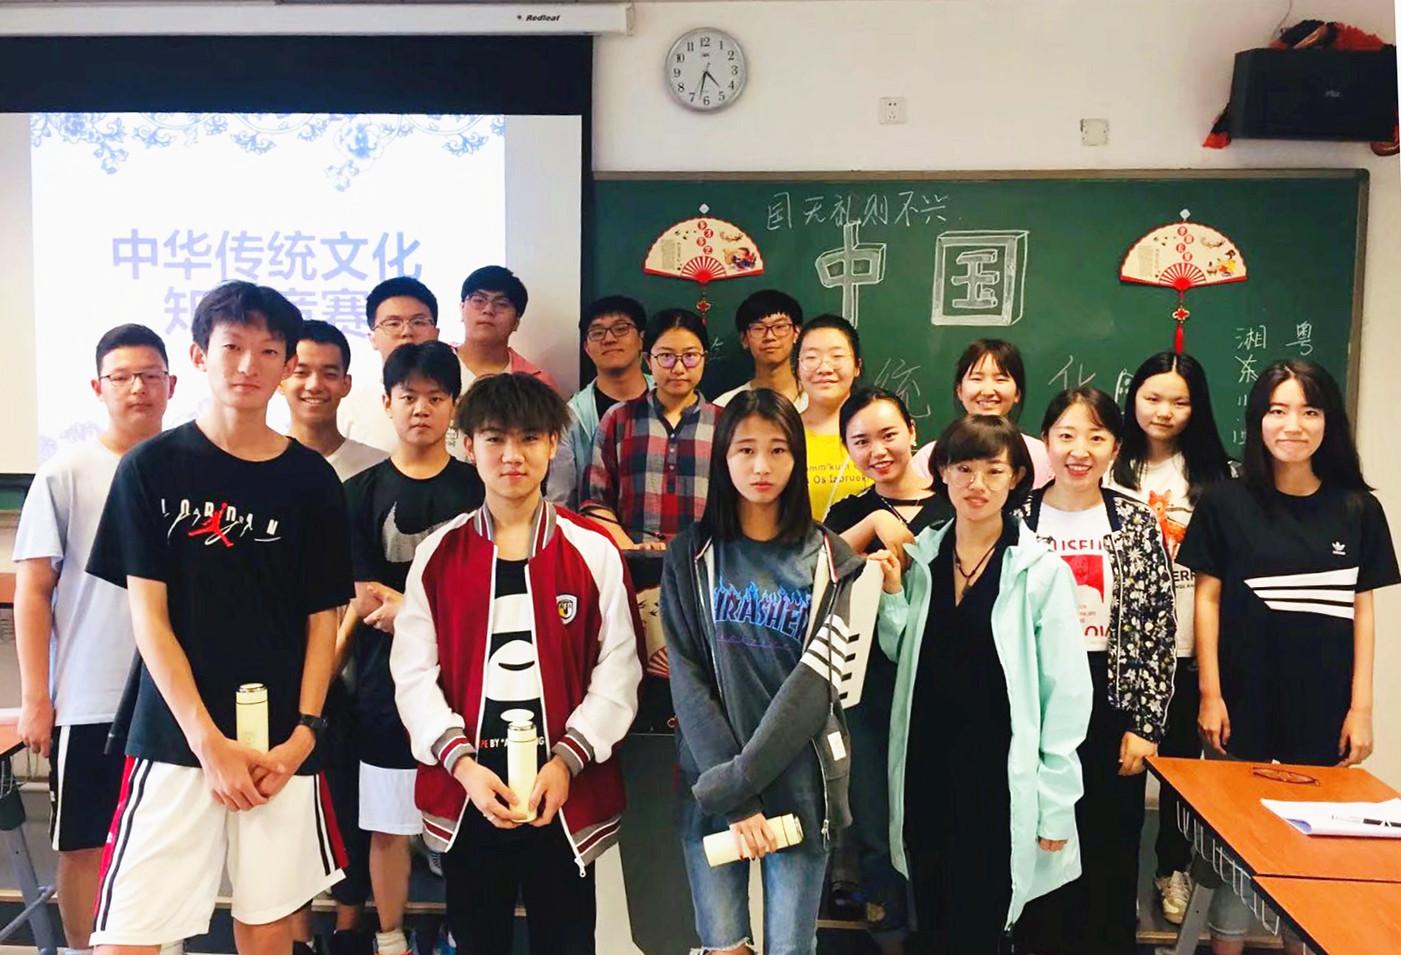 以赛促学∣紧张!精彩!北京外国语大学国际高中传统文化知识竞赛圆满结束